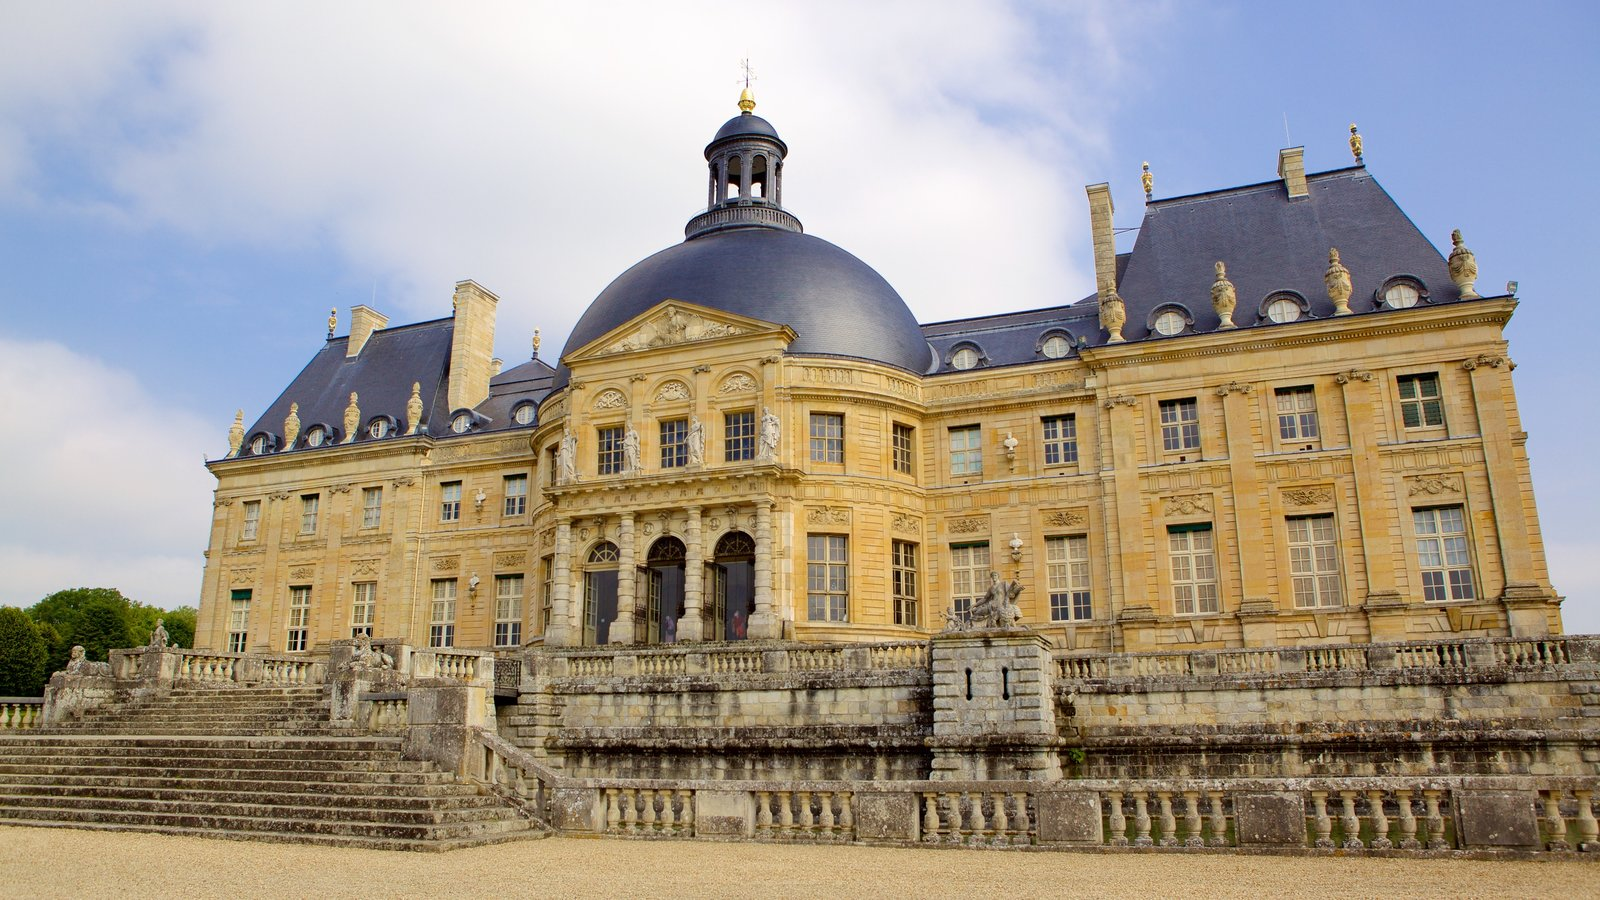 Melun mostrando um castelo, elementos de patrimônio e arquitetura de patrimônio